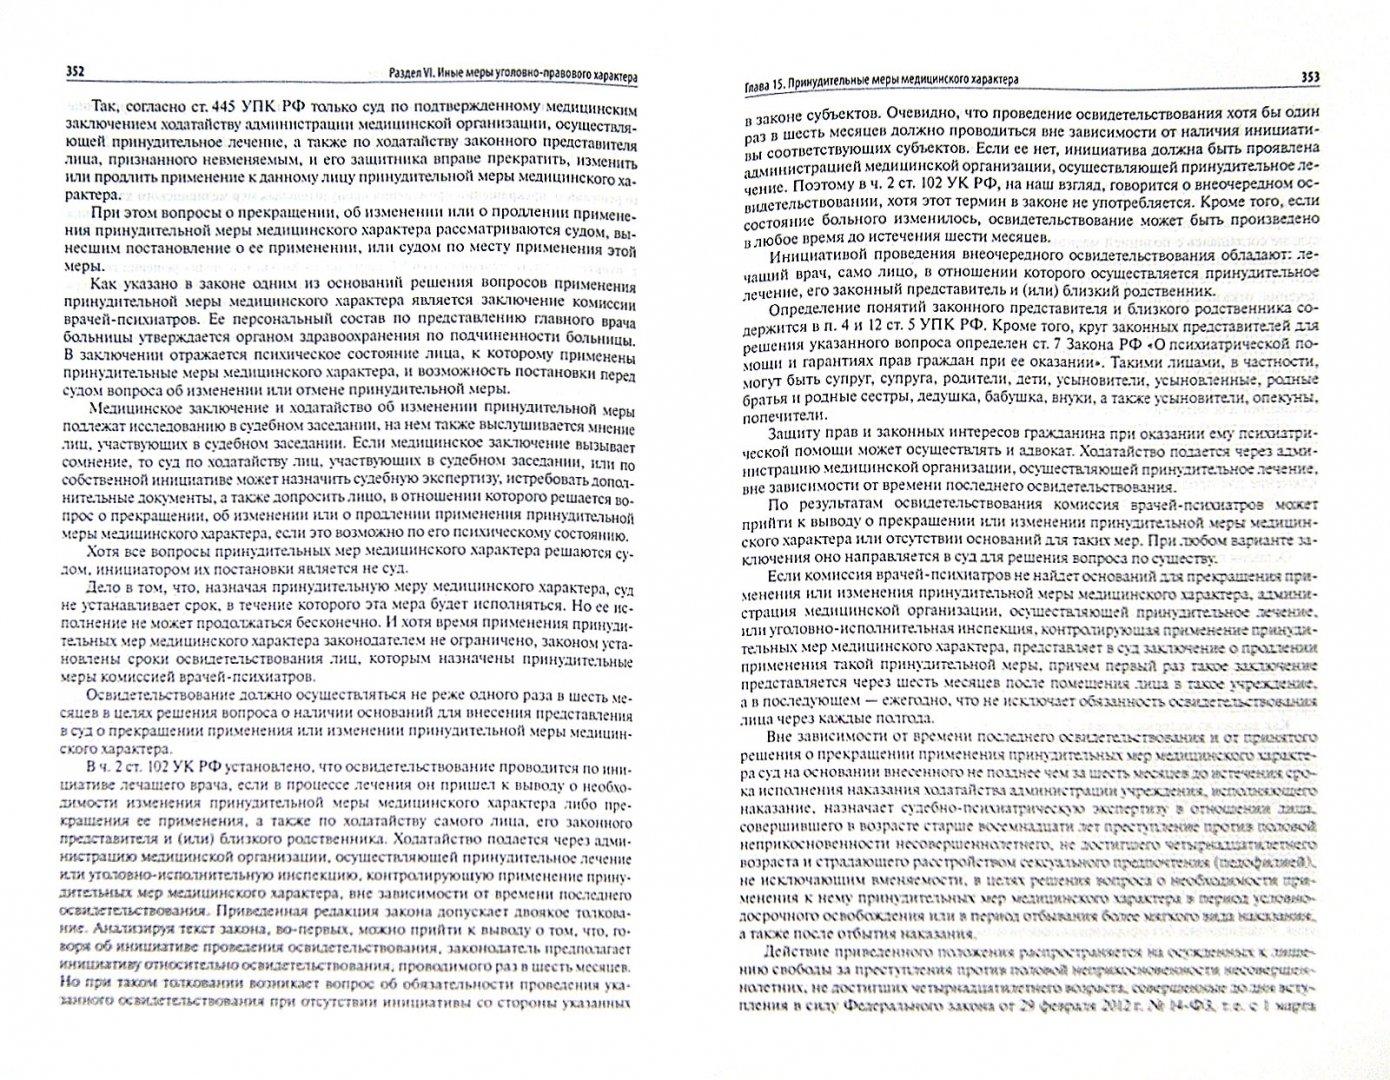 Иллюстрация 1 из 5 для Комментарий к Уголовному Кодексу Российской Федерации (постатейный). В 2-х томах. Том 1 - Бриллиантов, Долженкова, Жевлаков, Пудовочкин   Лабиринт - книги. Источник: Лабиринт